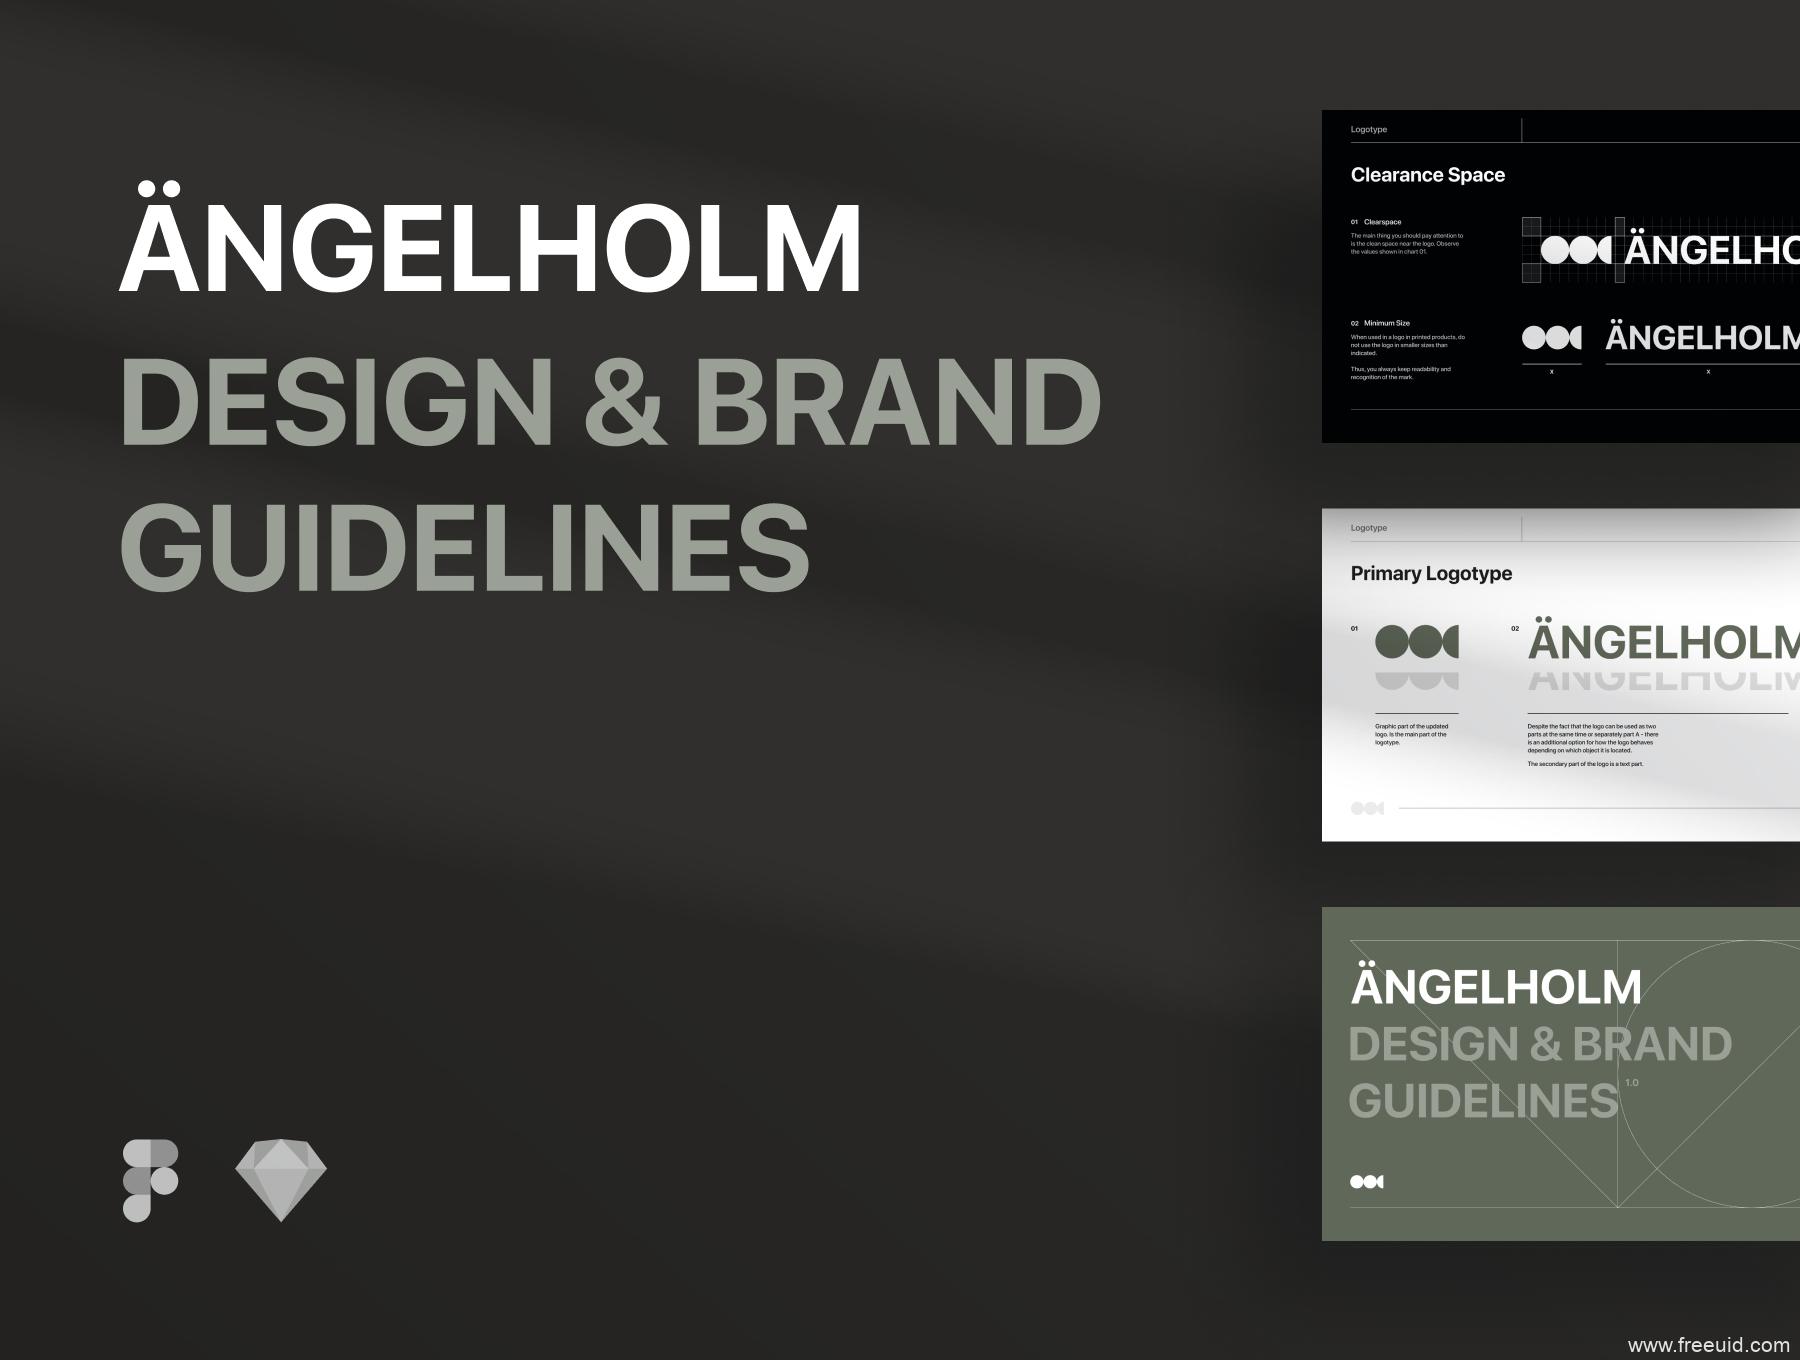 一套现代设计品牌包装模板sketch源文件,品牌包装规范VI视觉模板源文件